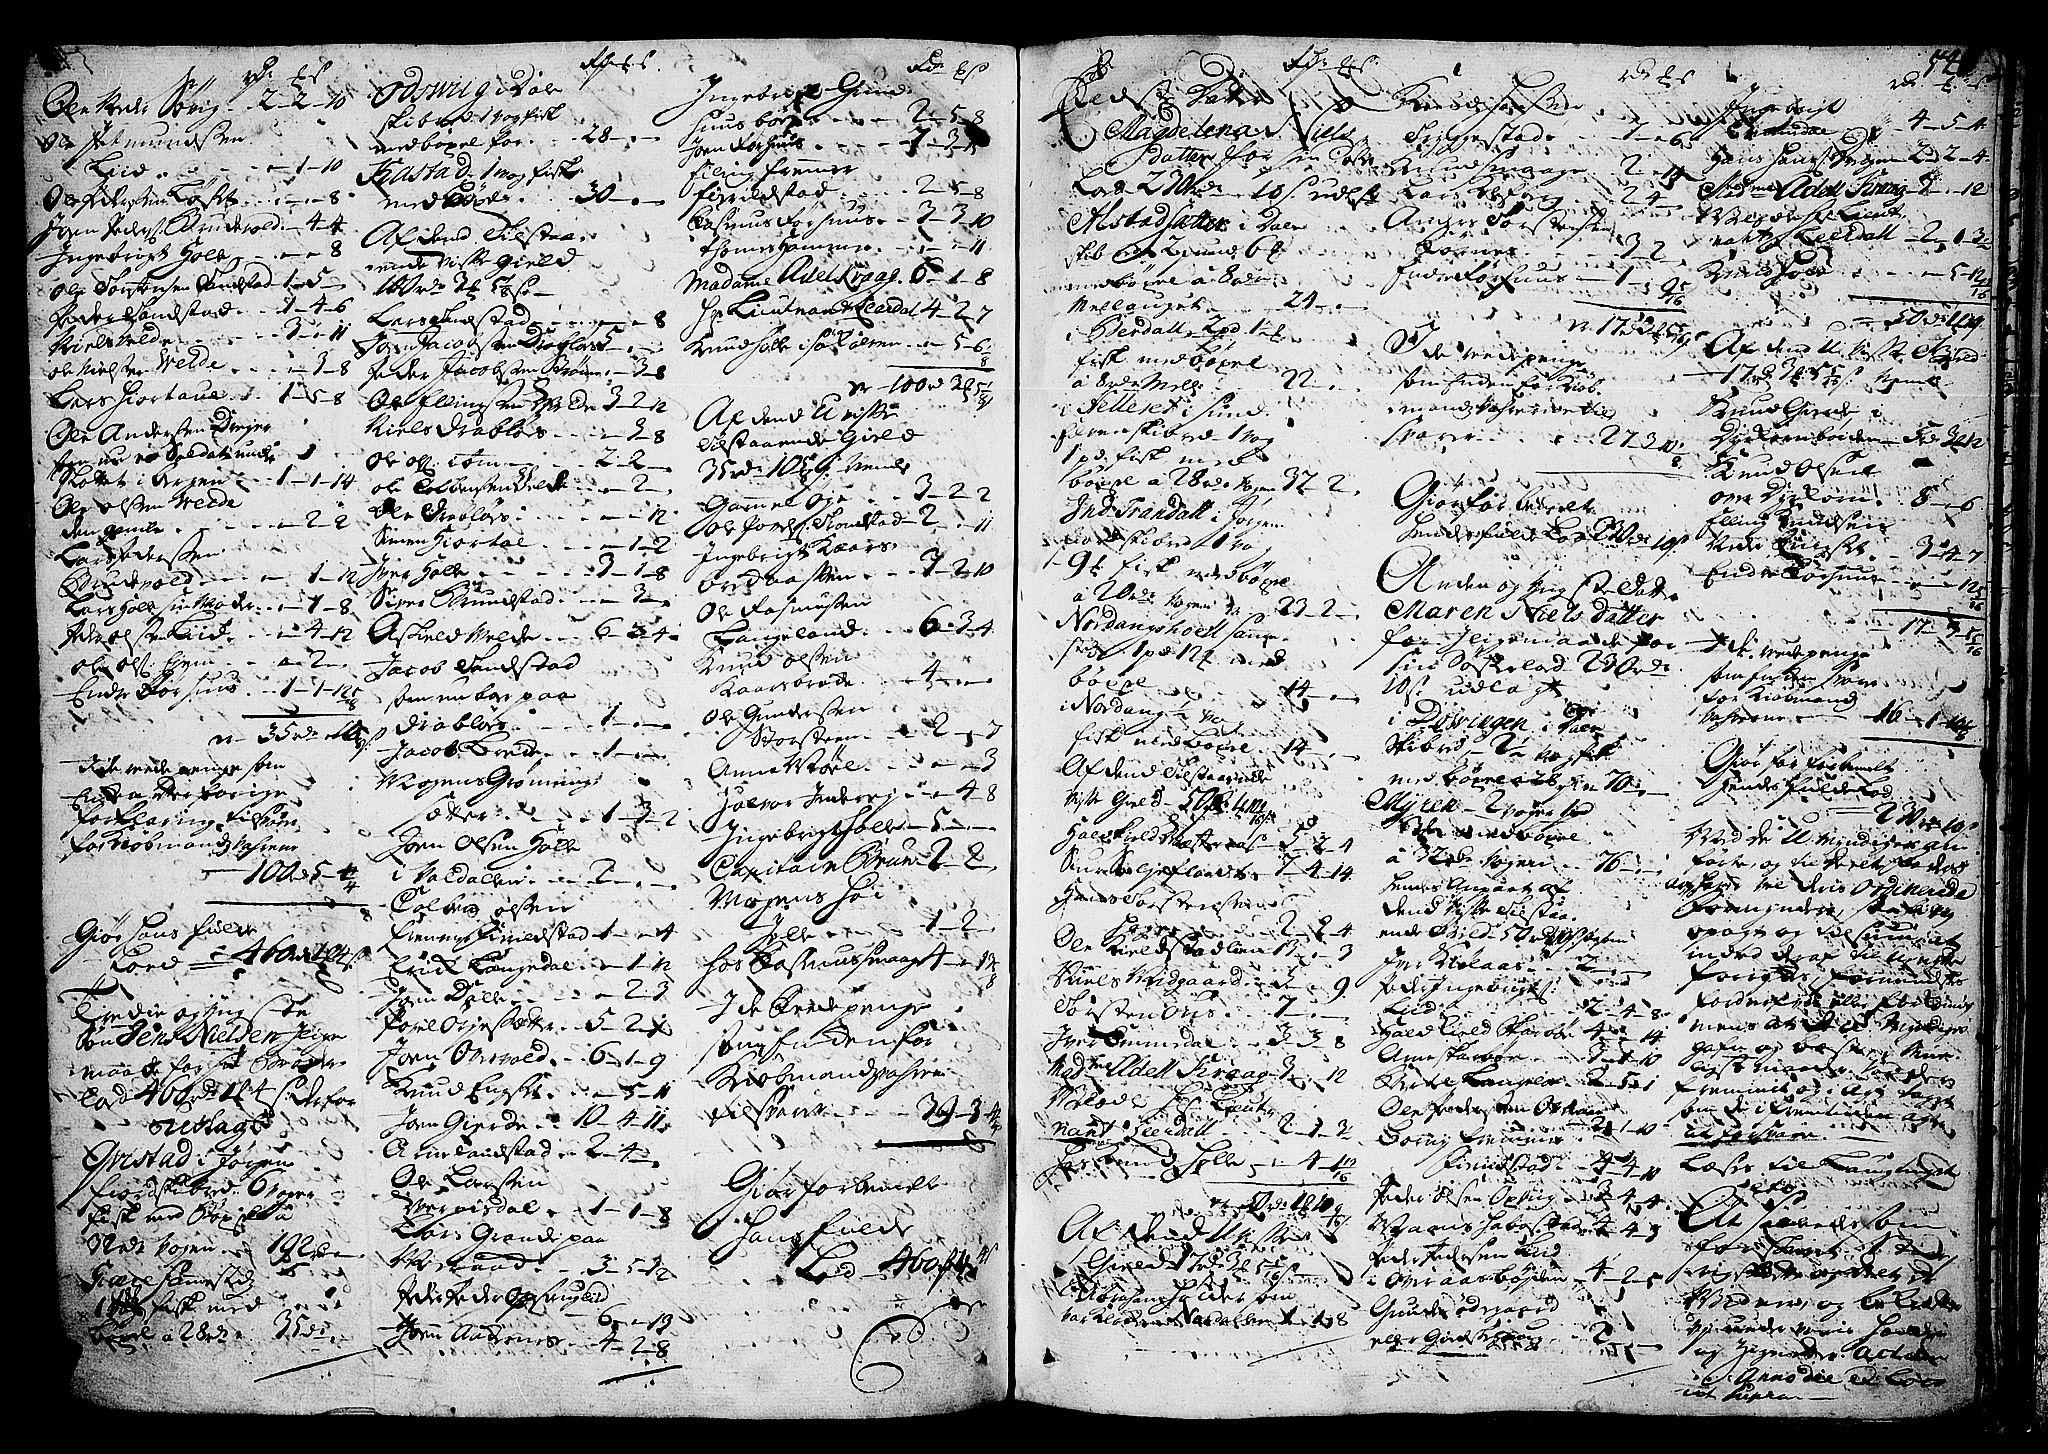 SAT, Sunnmøre sorenskriveri, 3/3A/L0007: Skifteprotokoll 05B, 1723-1725, s. 540b-541a